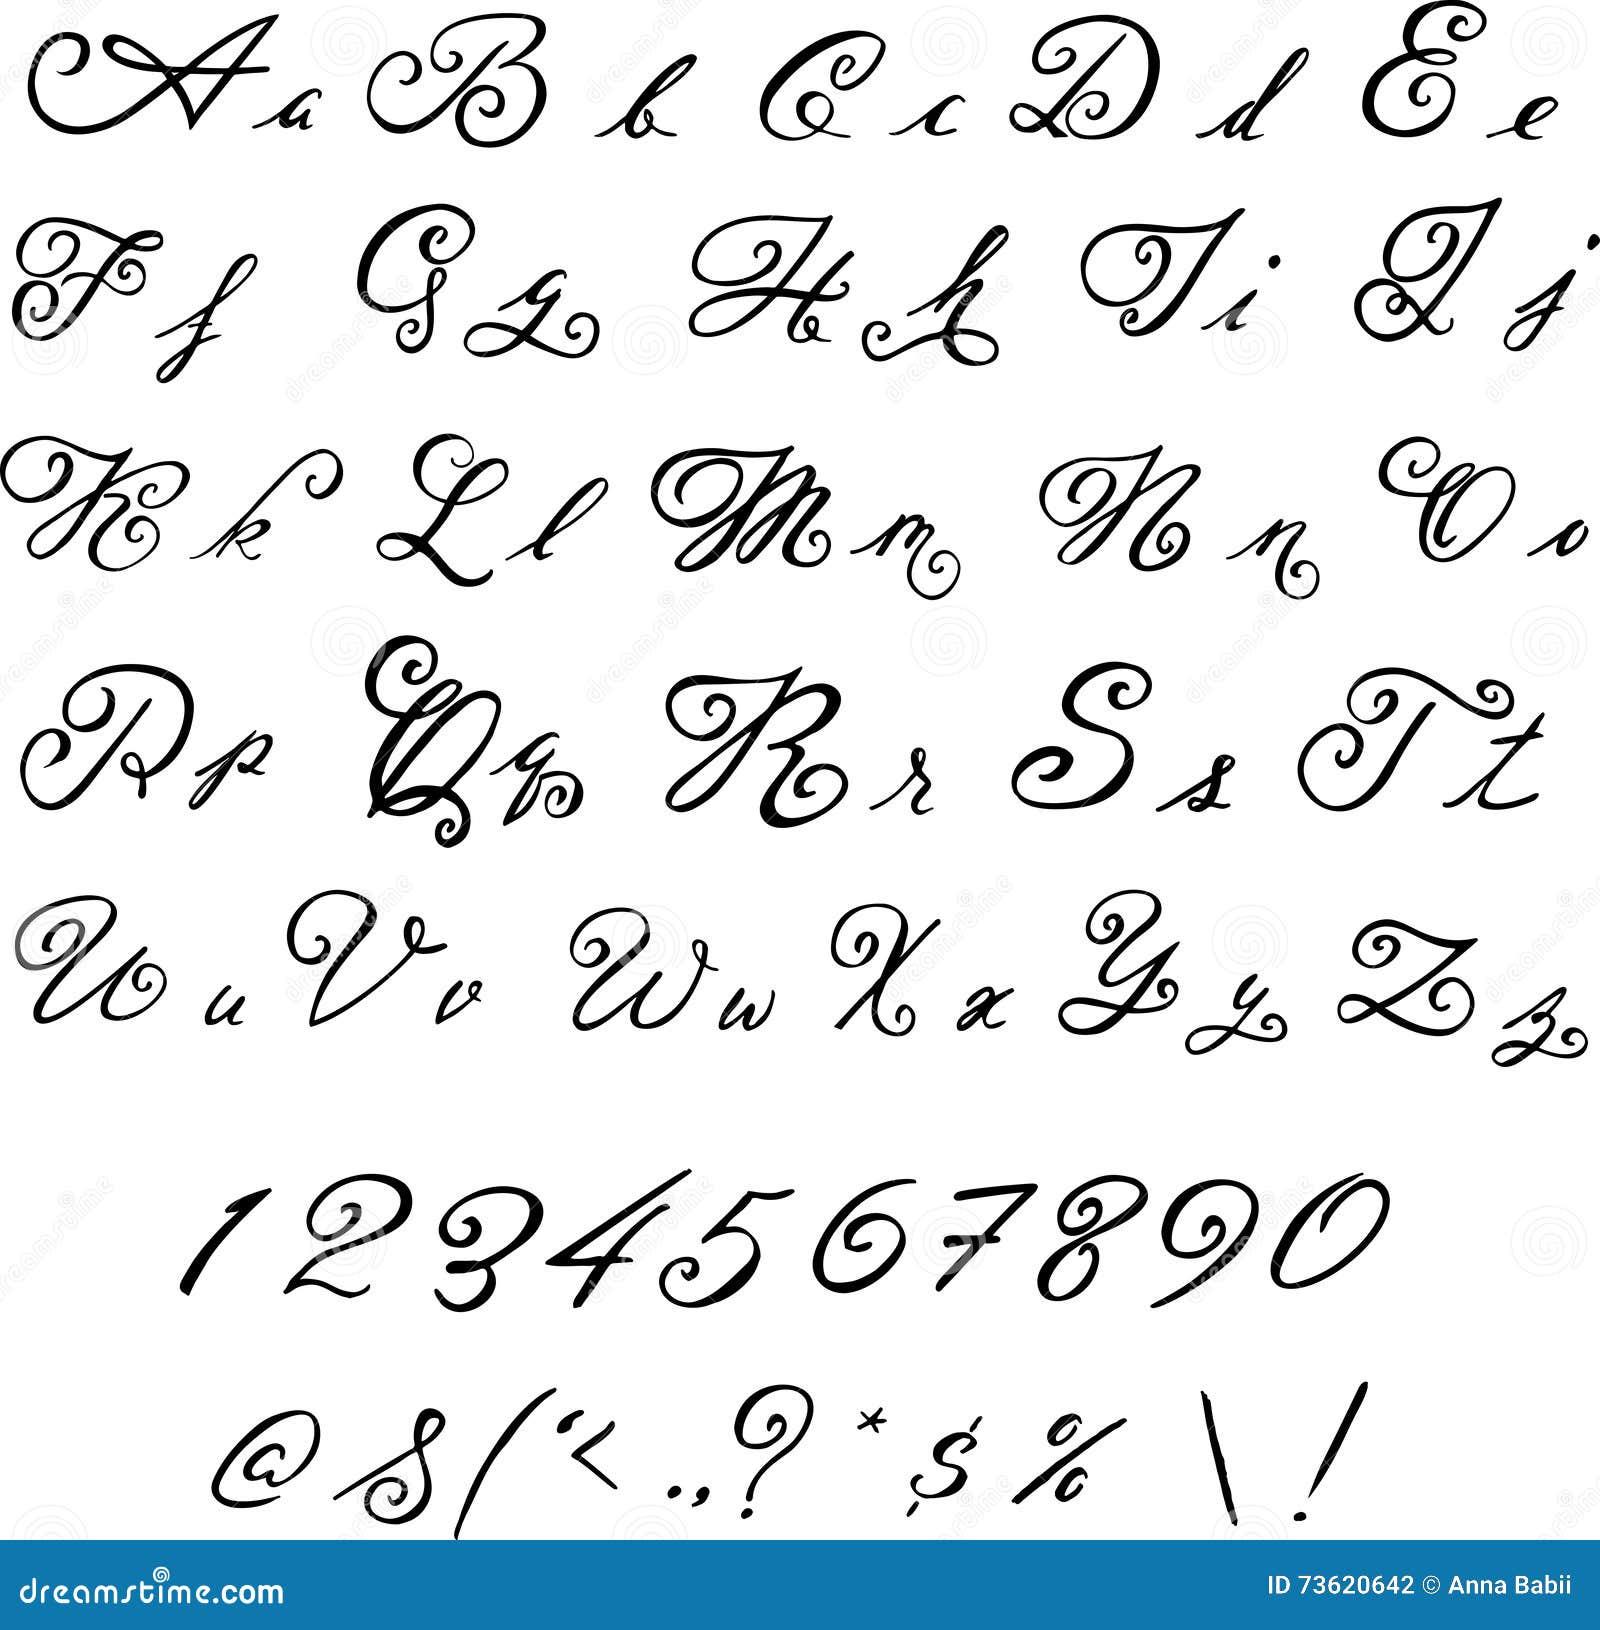 Letras Finas Para Tatuajes Resultado De Imagen Para Tatuaje En X